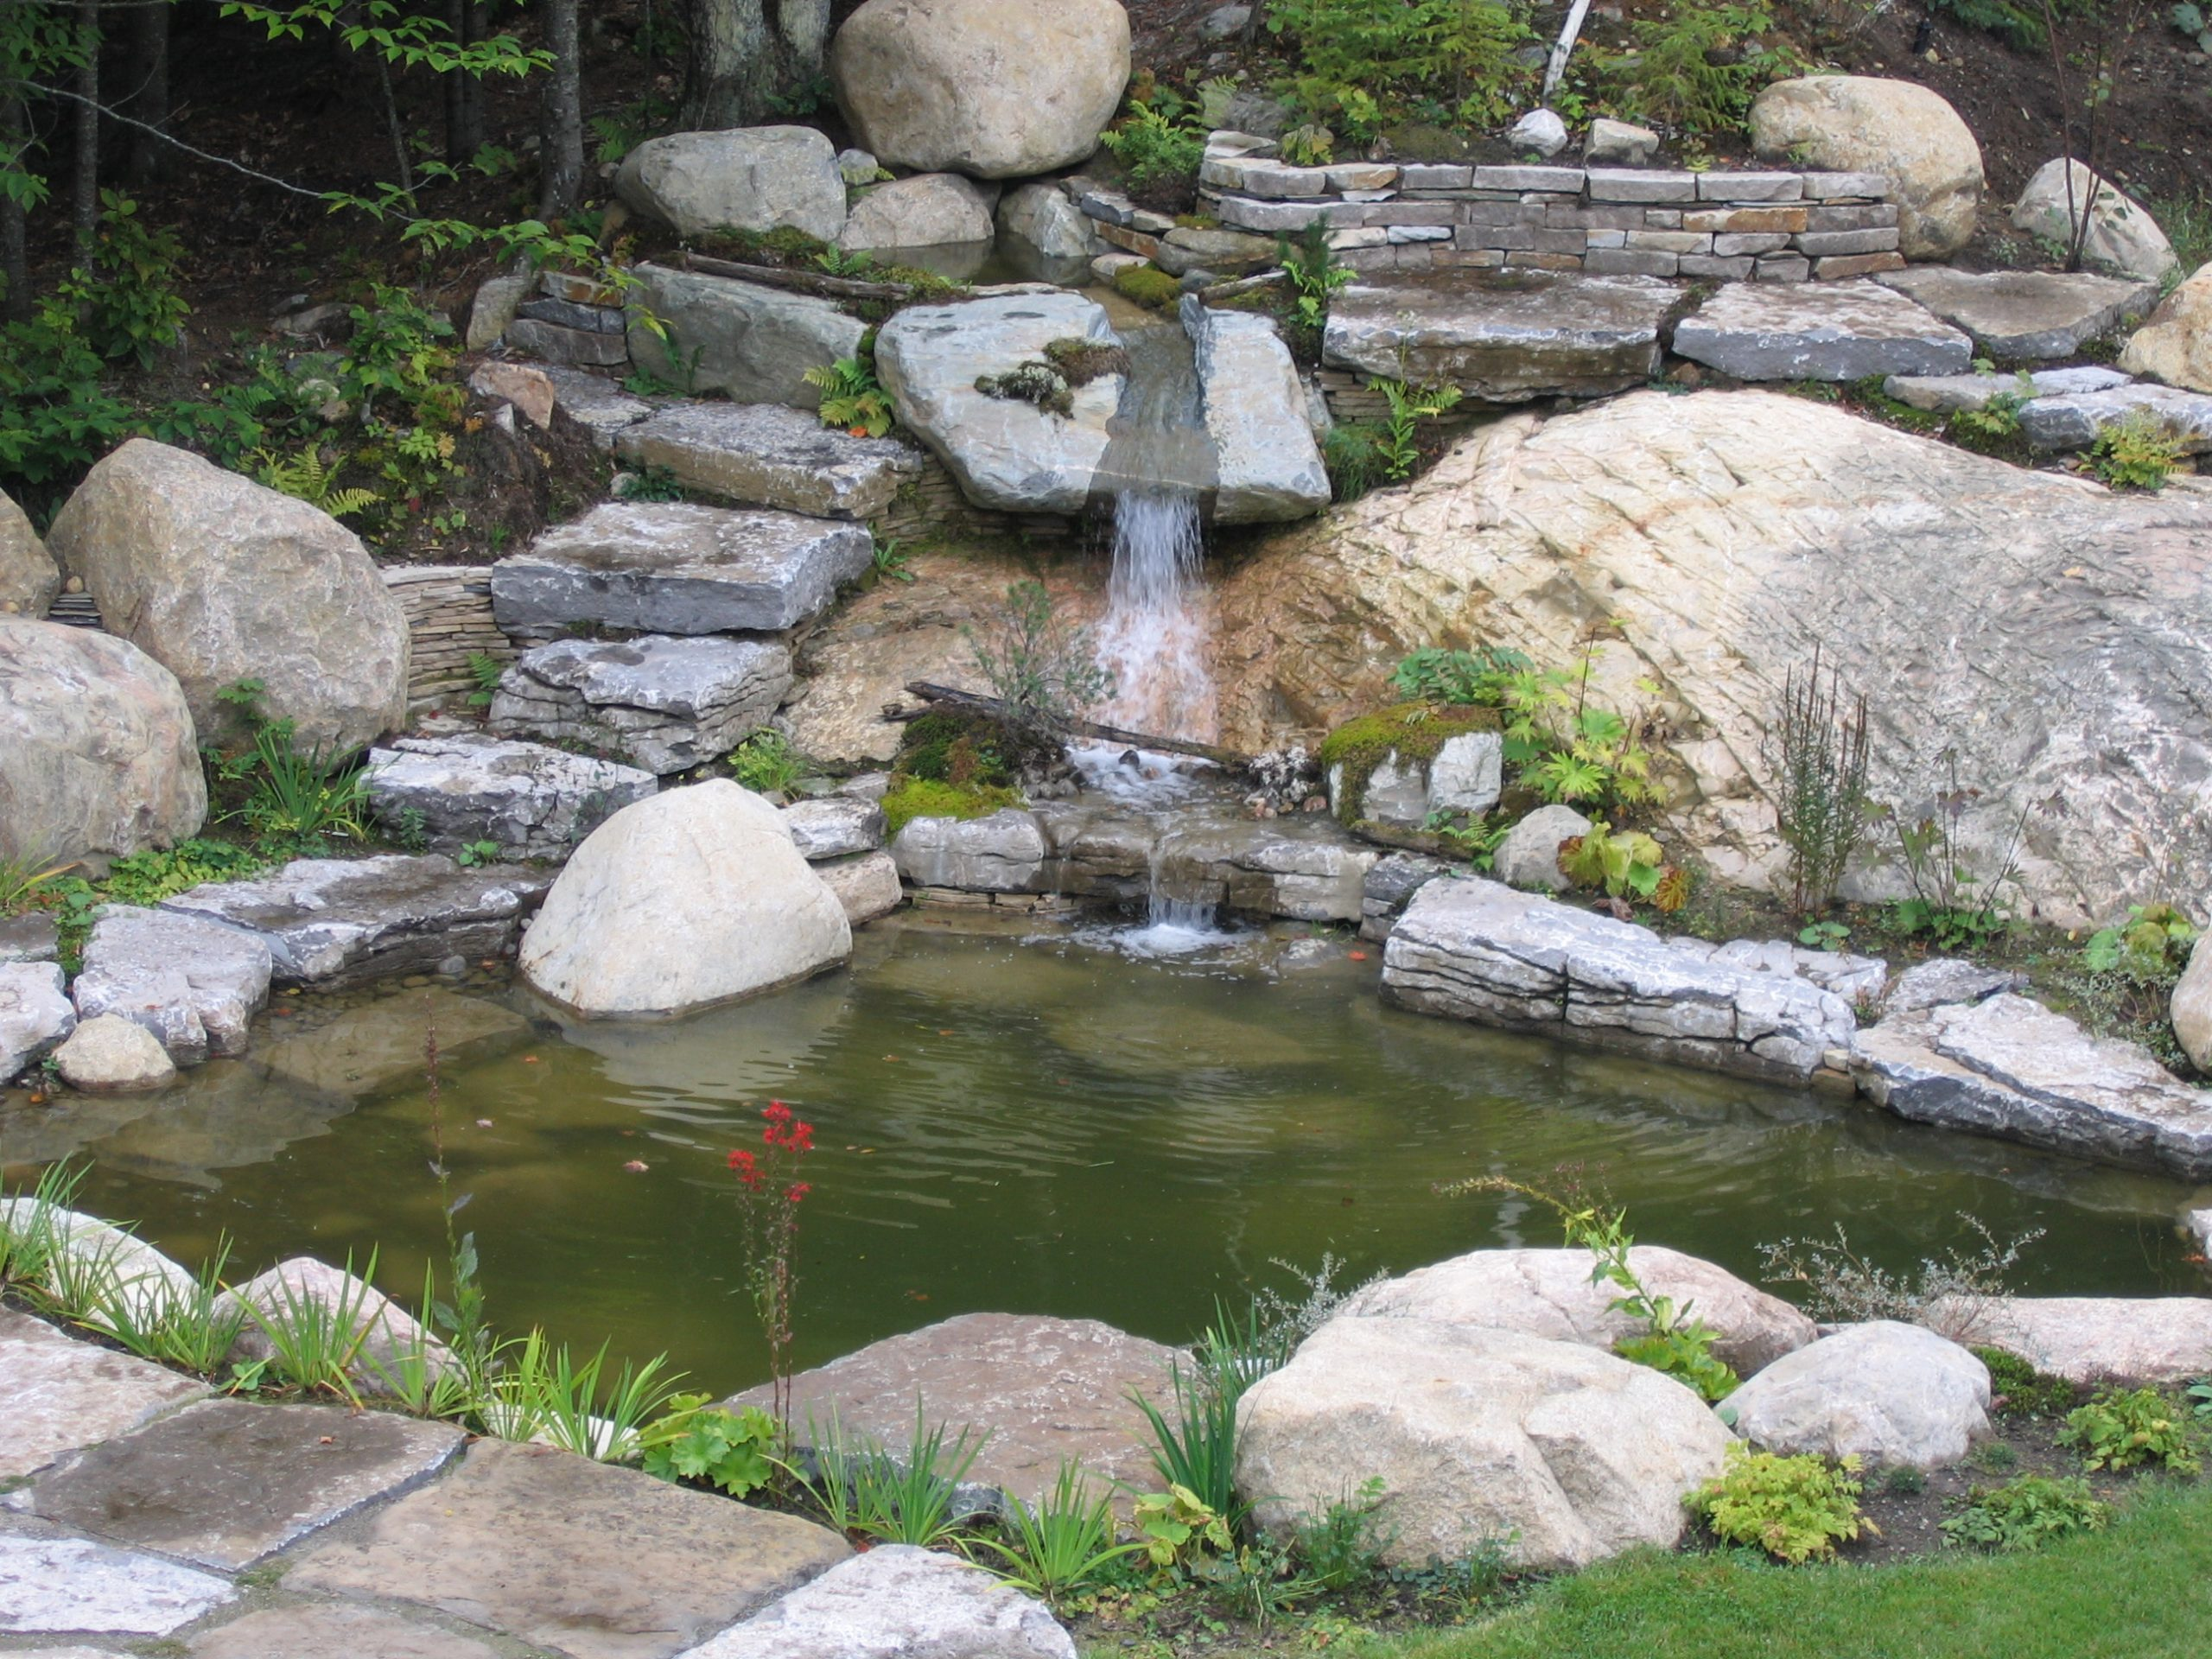 Projet Aménagement Paysager | Jardin D'eau | Maxhorti avec Creation Cascade Bassin Jardin